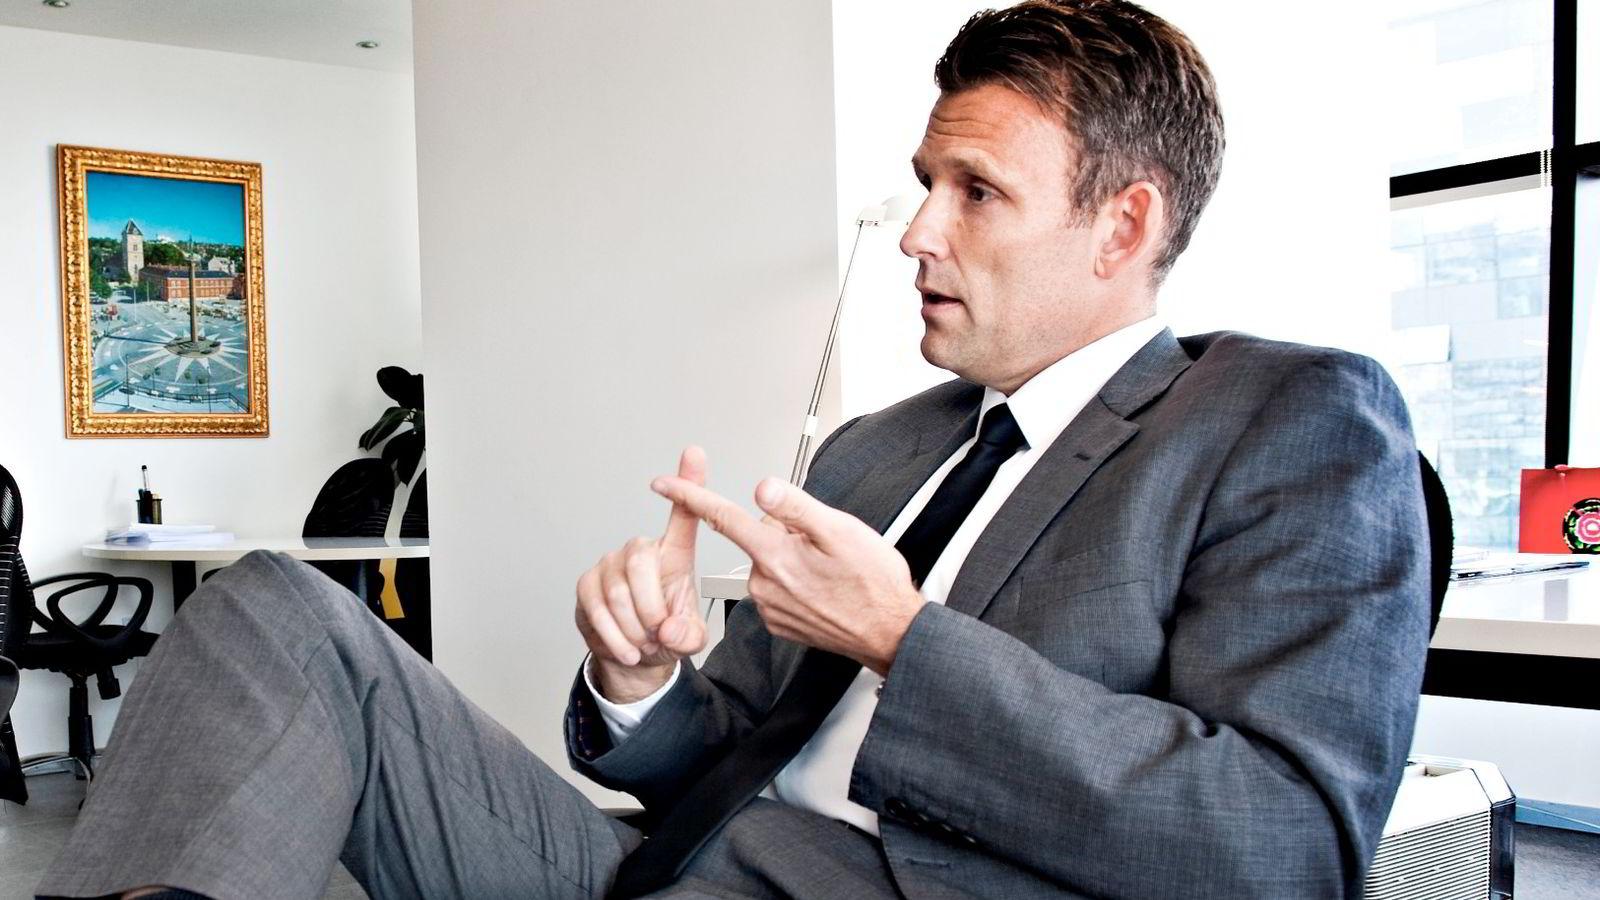 Chris A. Rynning i det børsnoterte investeringsselskapet Origo styrer 1,5 milliarder kroner fra Beijings finanssentrum. Nå kvitter han seg med dollar-investeringer.